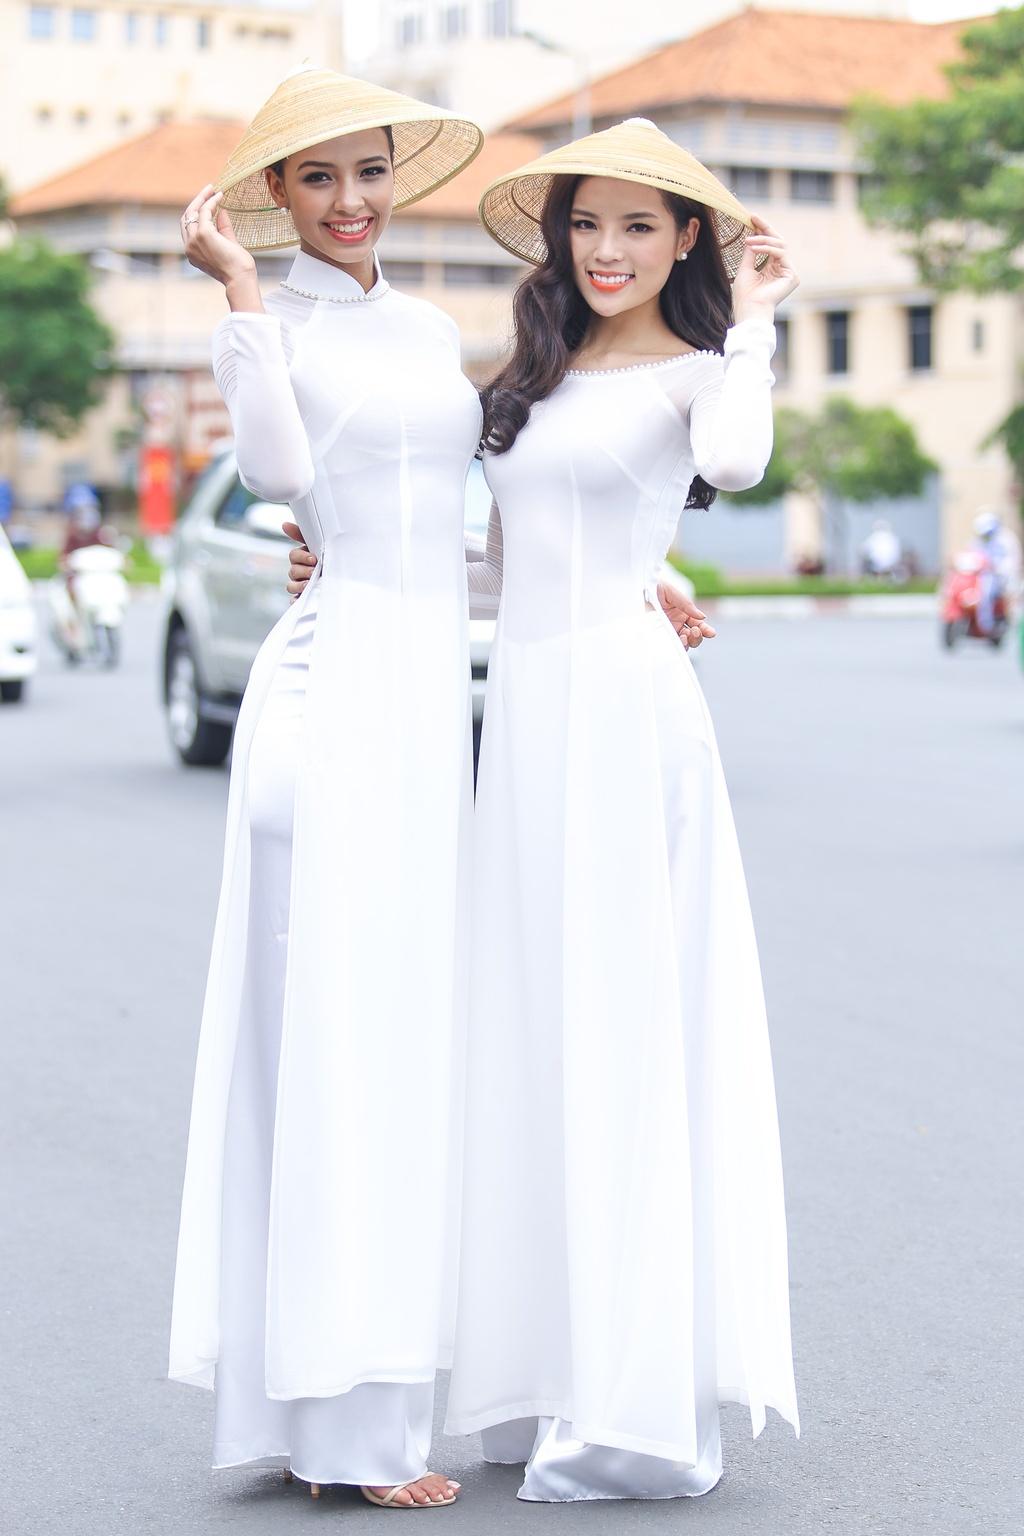 A hau Hoan vu 2015 dien ao dai trang dao pho Sai thanh hinh anh 4